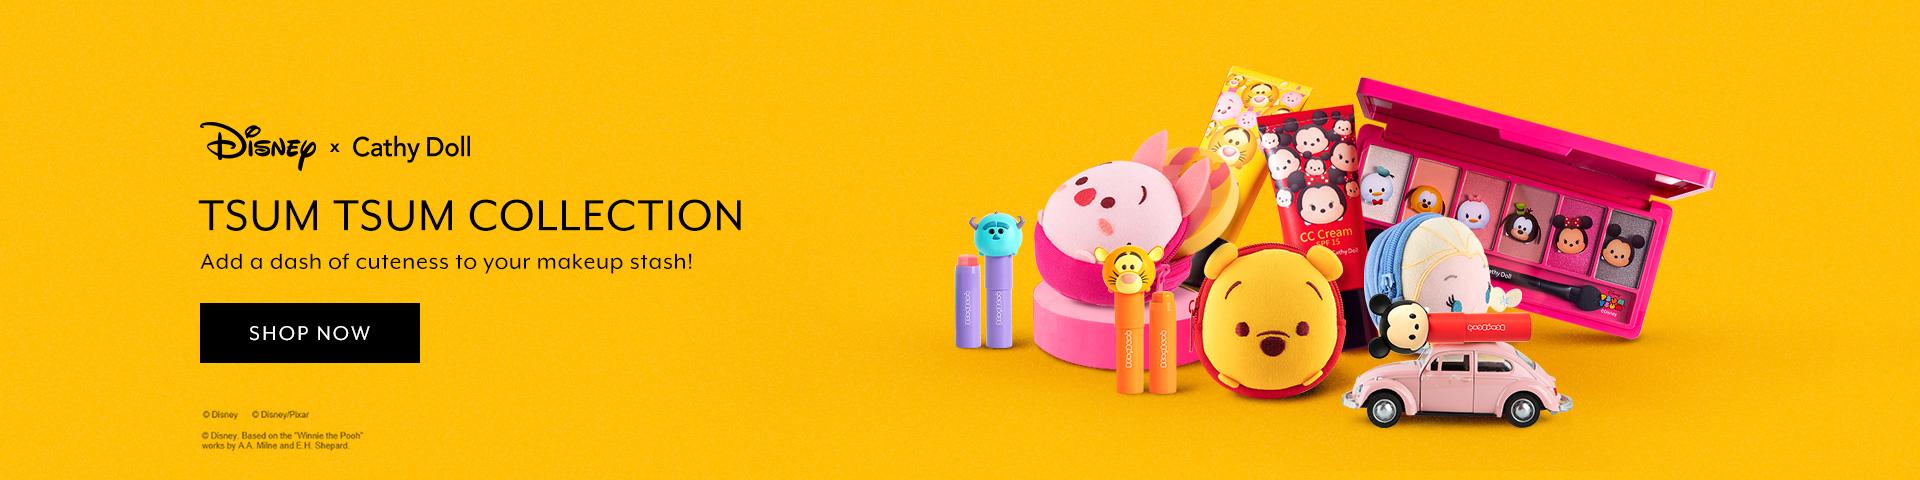 Jan 2019: Cathy Doll x Tsum Tsum